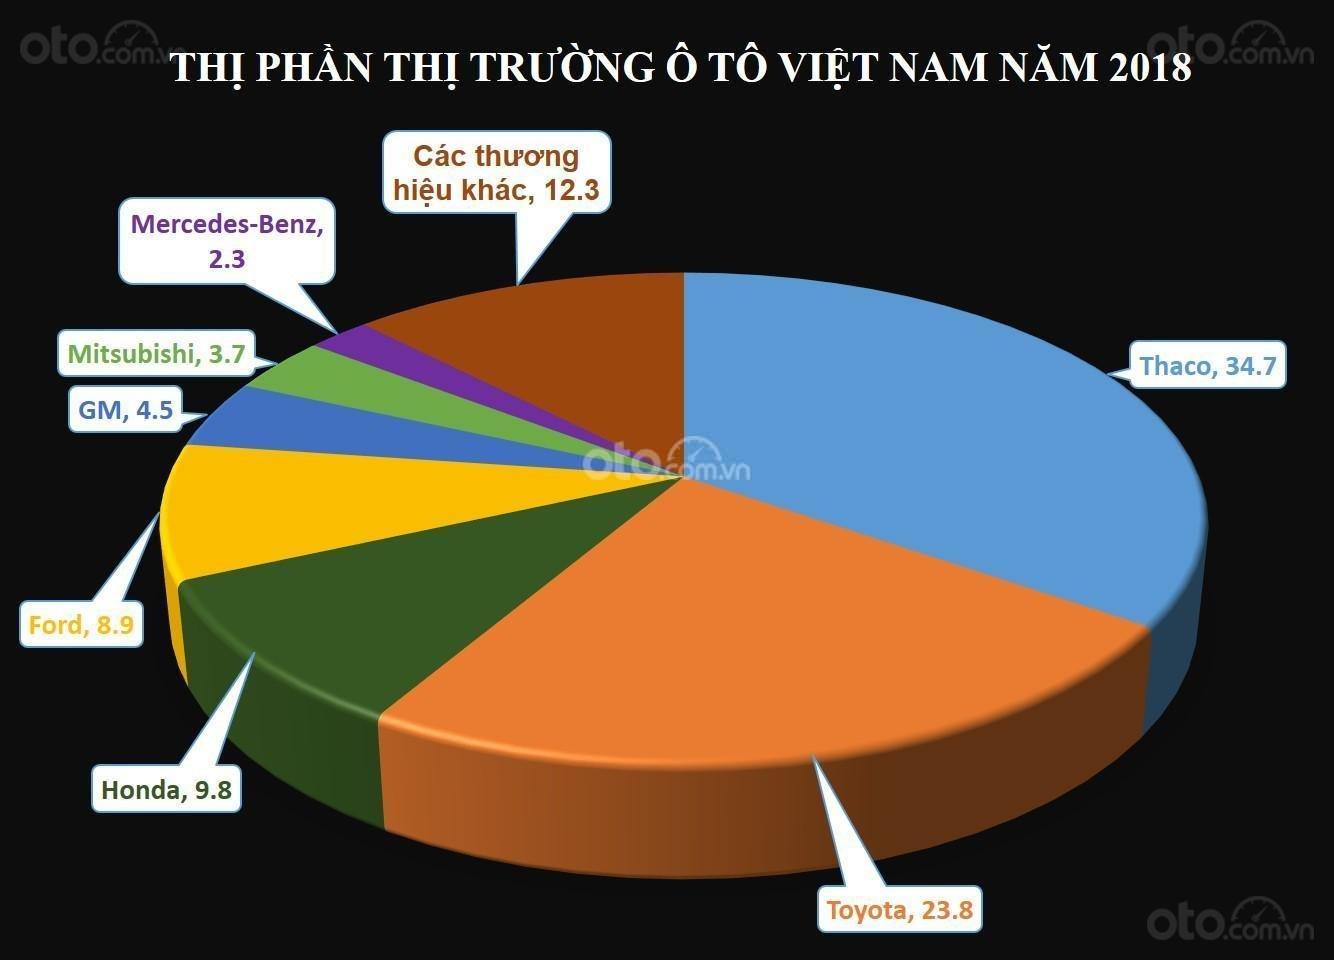 Biểu đồ thị phần ô tô Việt Nam năm 2018...